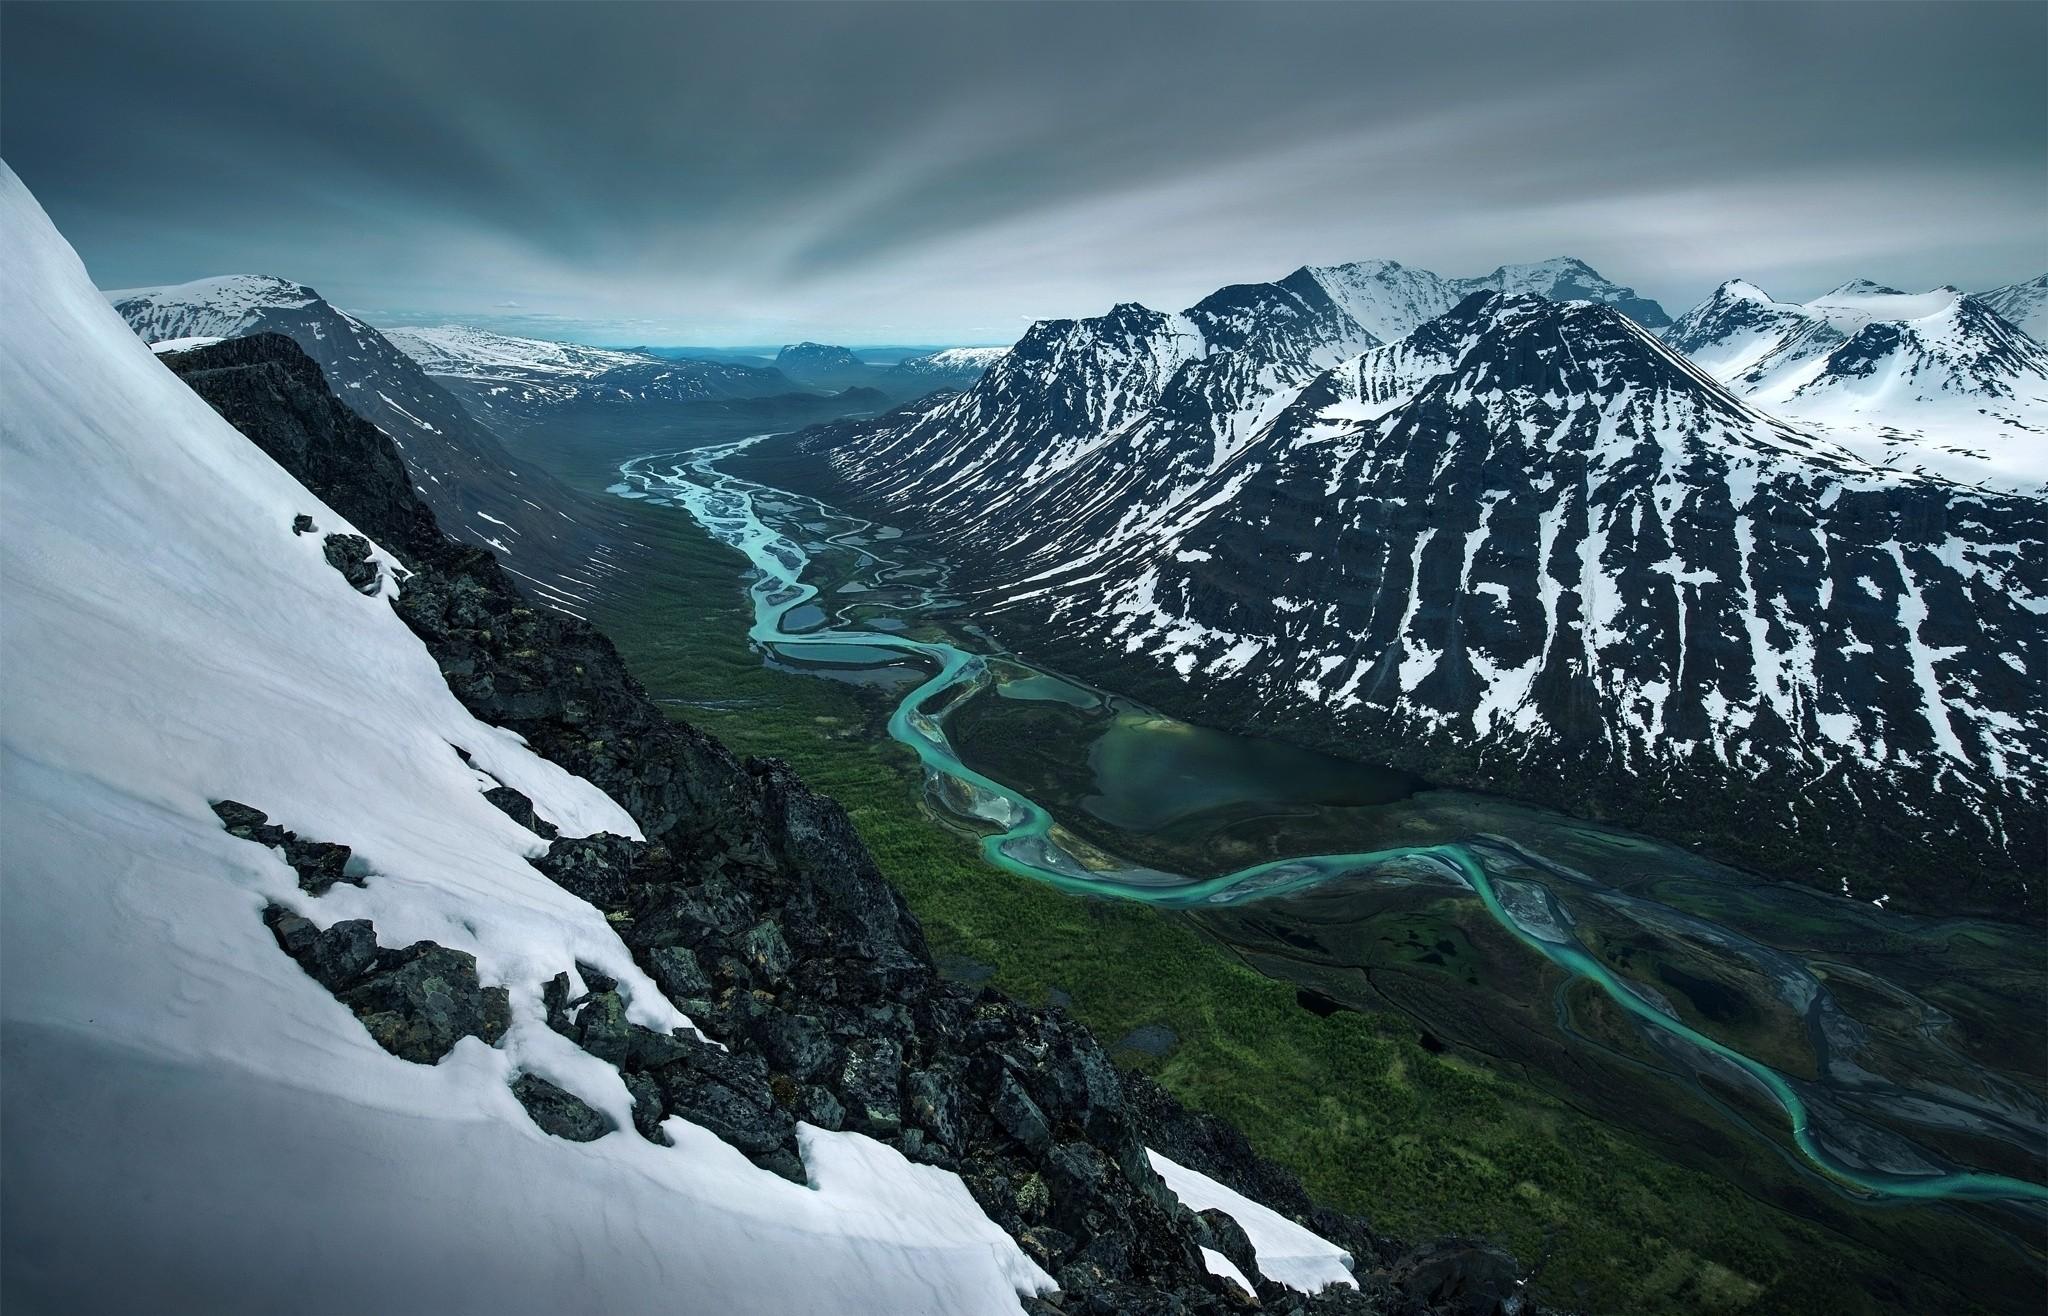 Fondo Escritorio Picos Montañas Nevadas: Fondos De Pantalla : Paisaje, Montañas, Naturaleza, Nieve